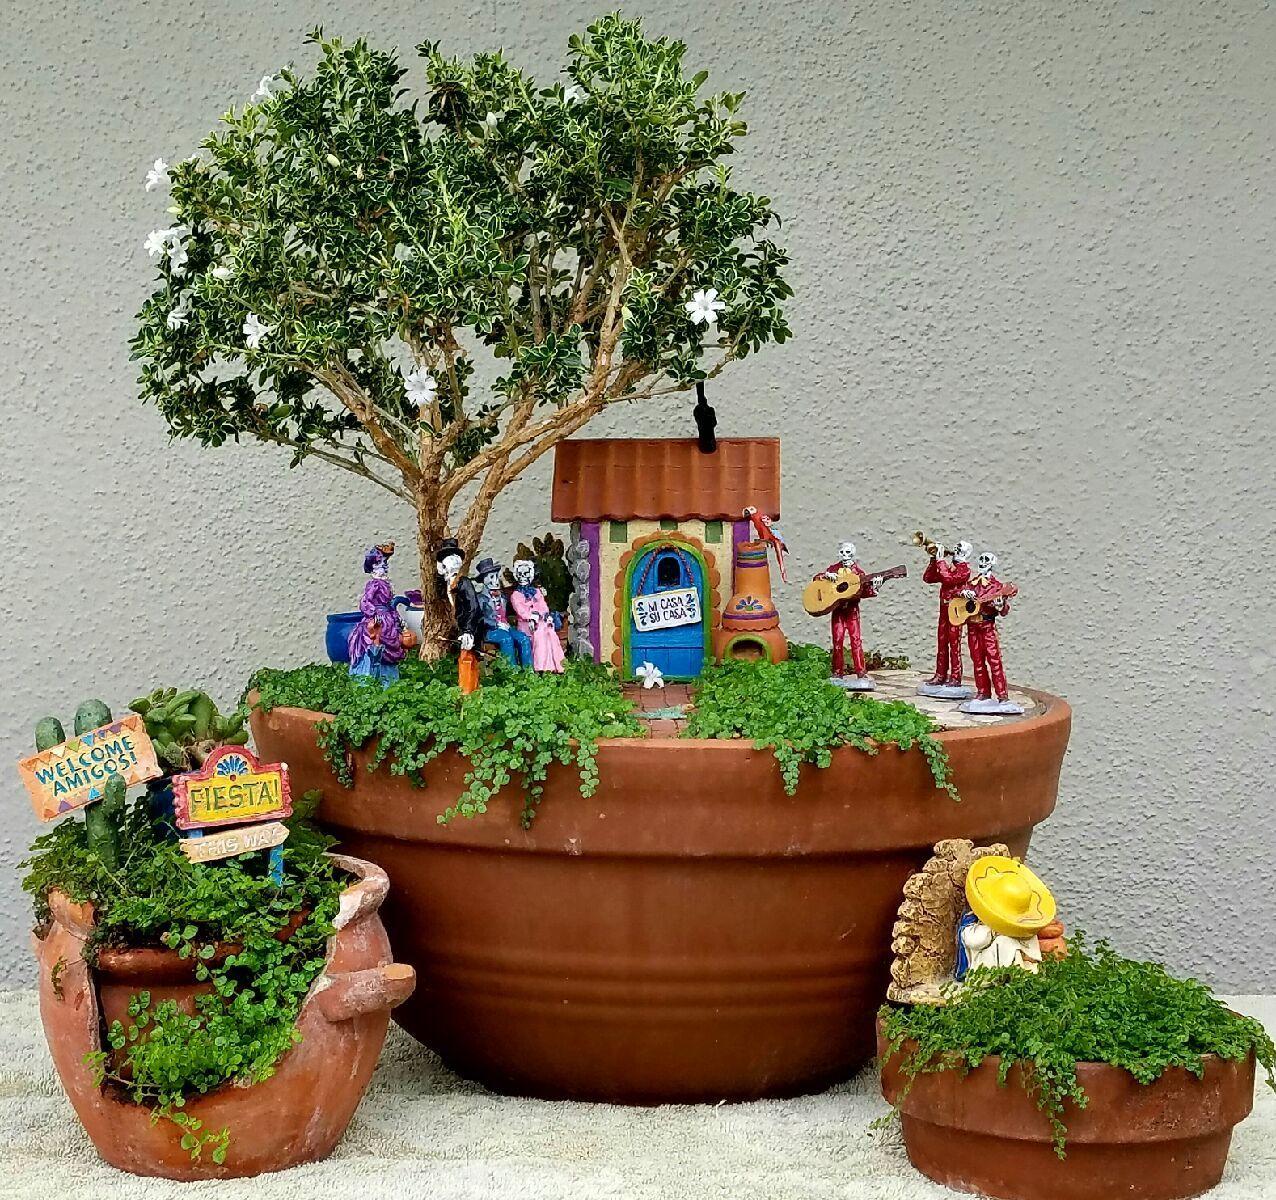 Как сделать мини-сад: 115 фото и видео как в домашних условиях построить настоящий сад